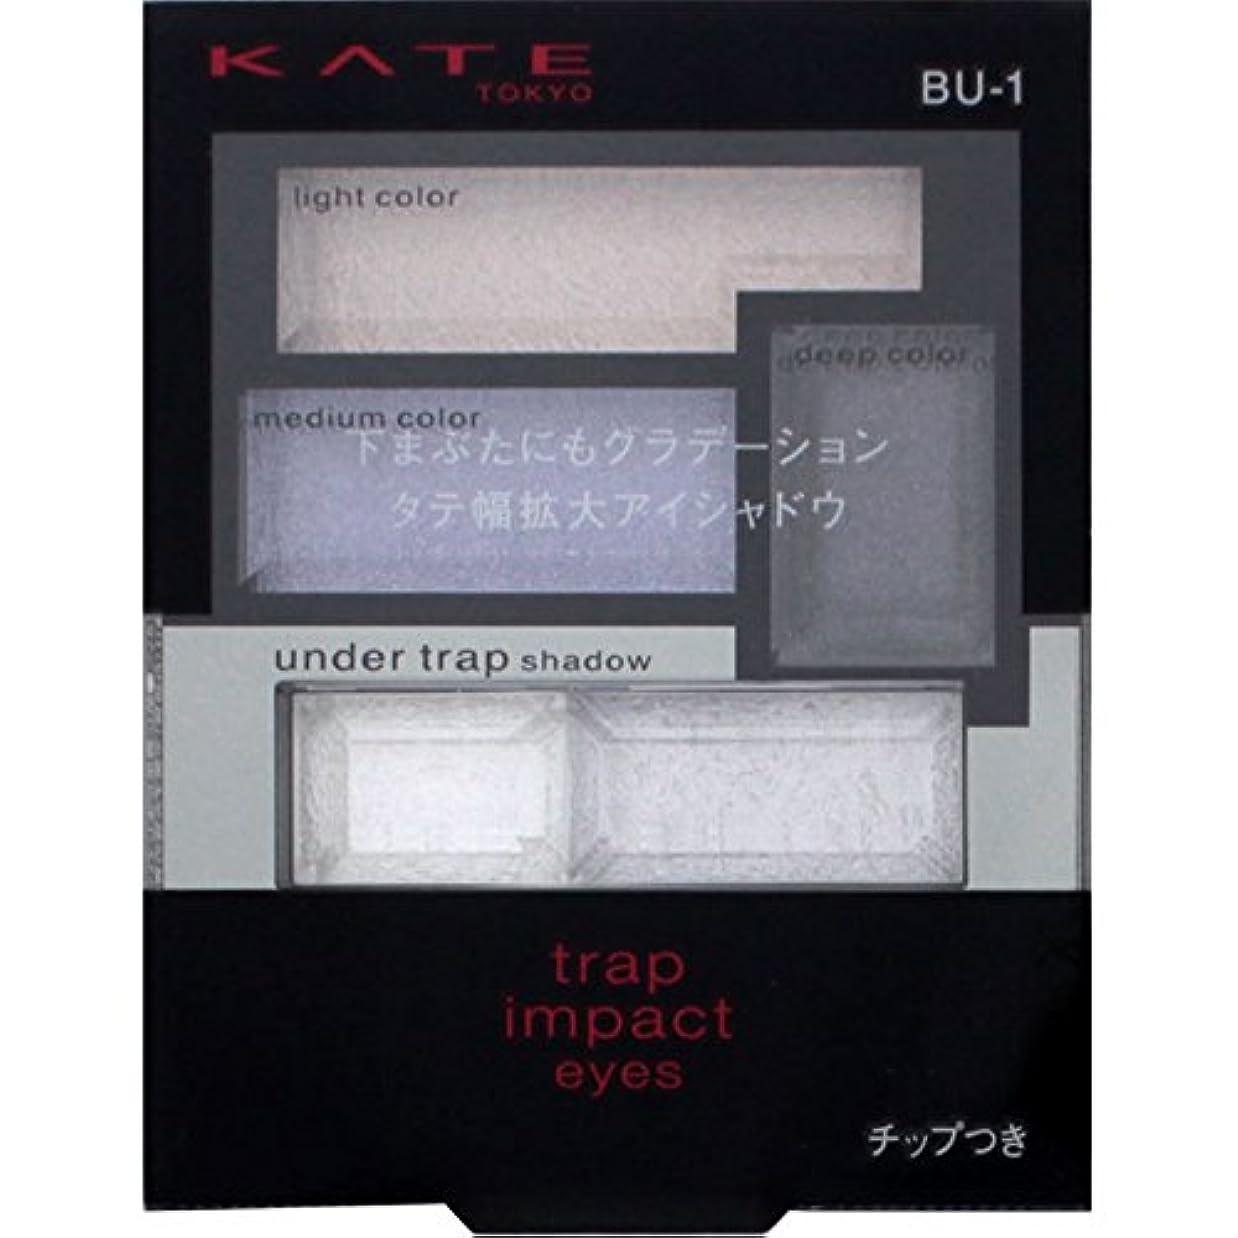 ジャンル中間抽象カネボウ ケイト トラップインパクトアイズ BU-1